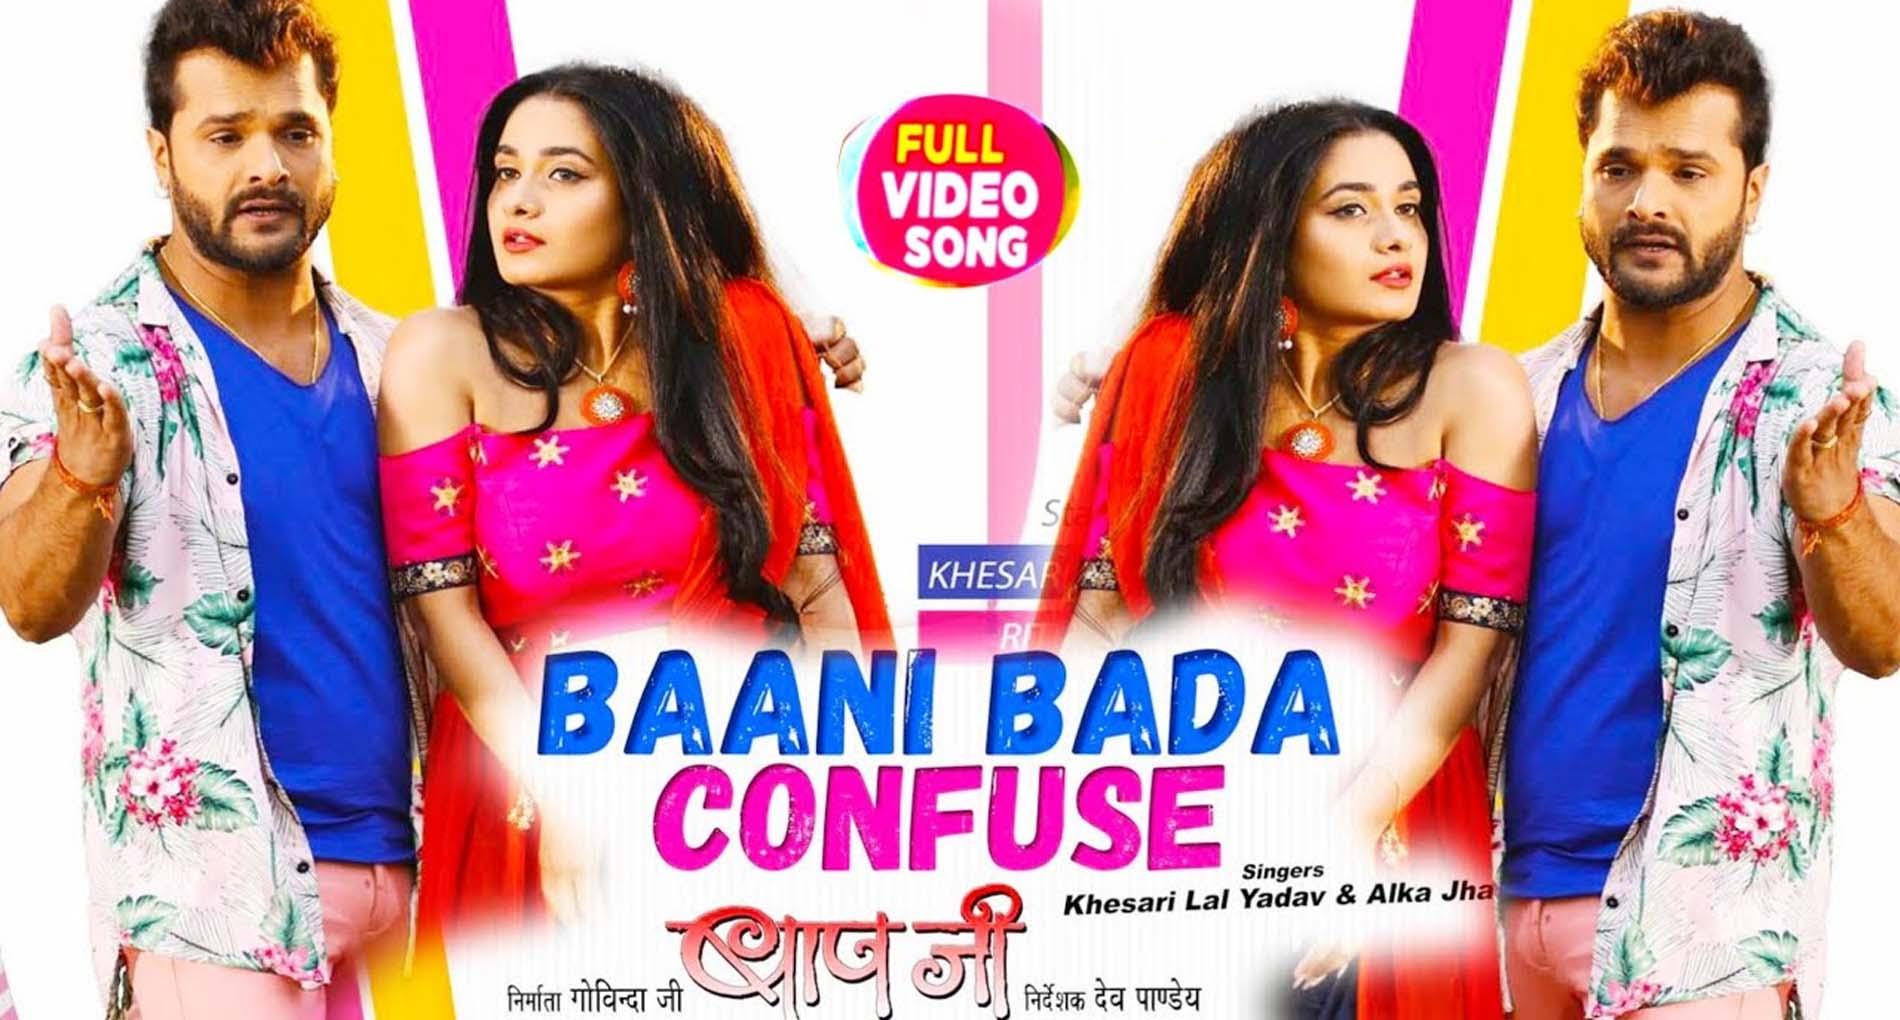 Khesari Lal Yadav Song: खेसारी लाल यादव के गाने 'बानी बड़ा कंफ्यूज' का धमाल! देखें वीडियो